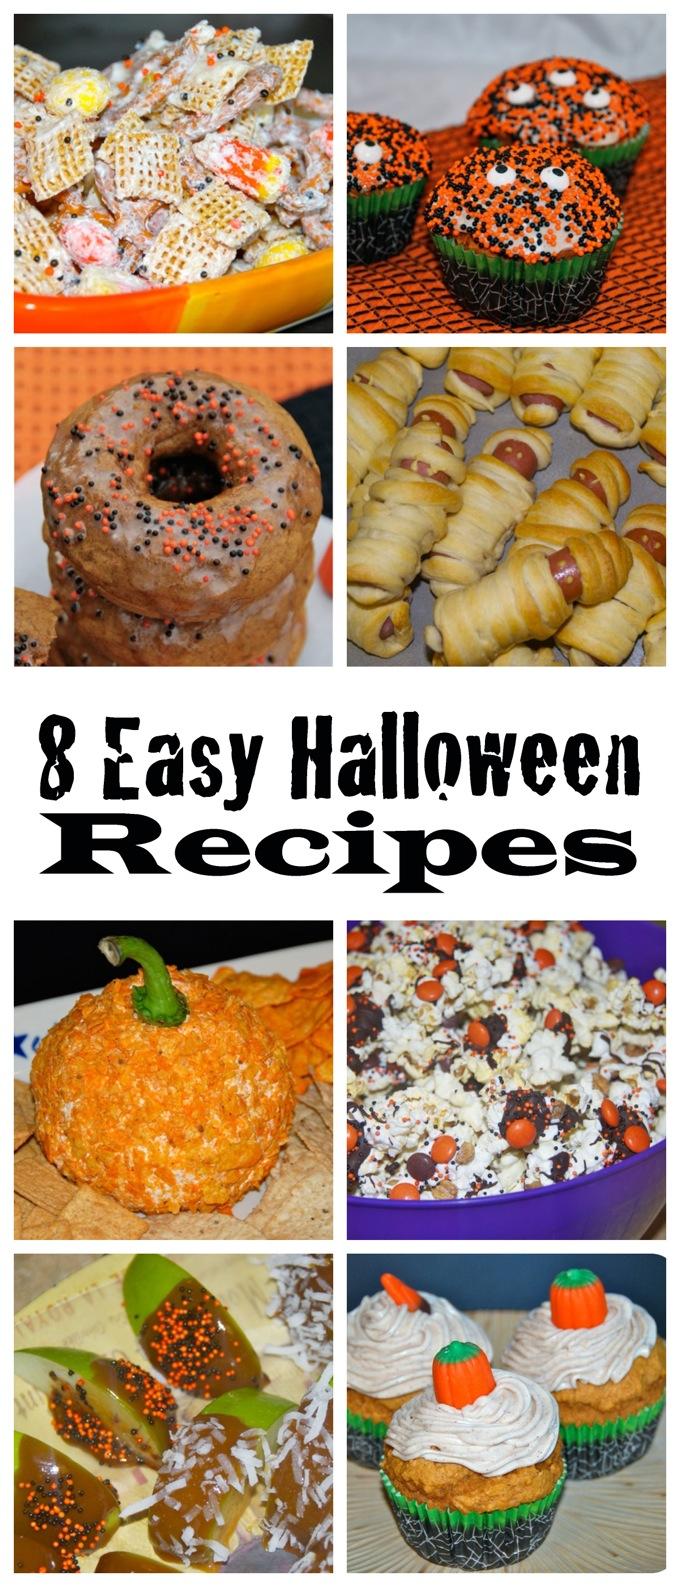 8 Easy Halloween Recipes // www.jessfuel.com